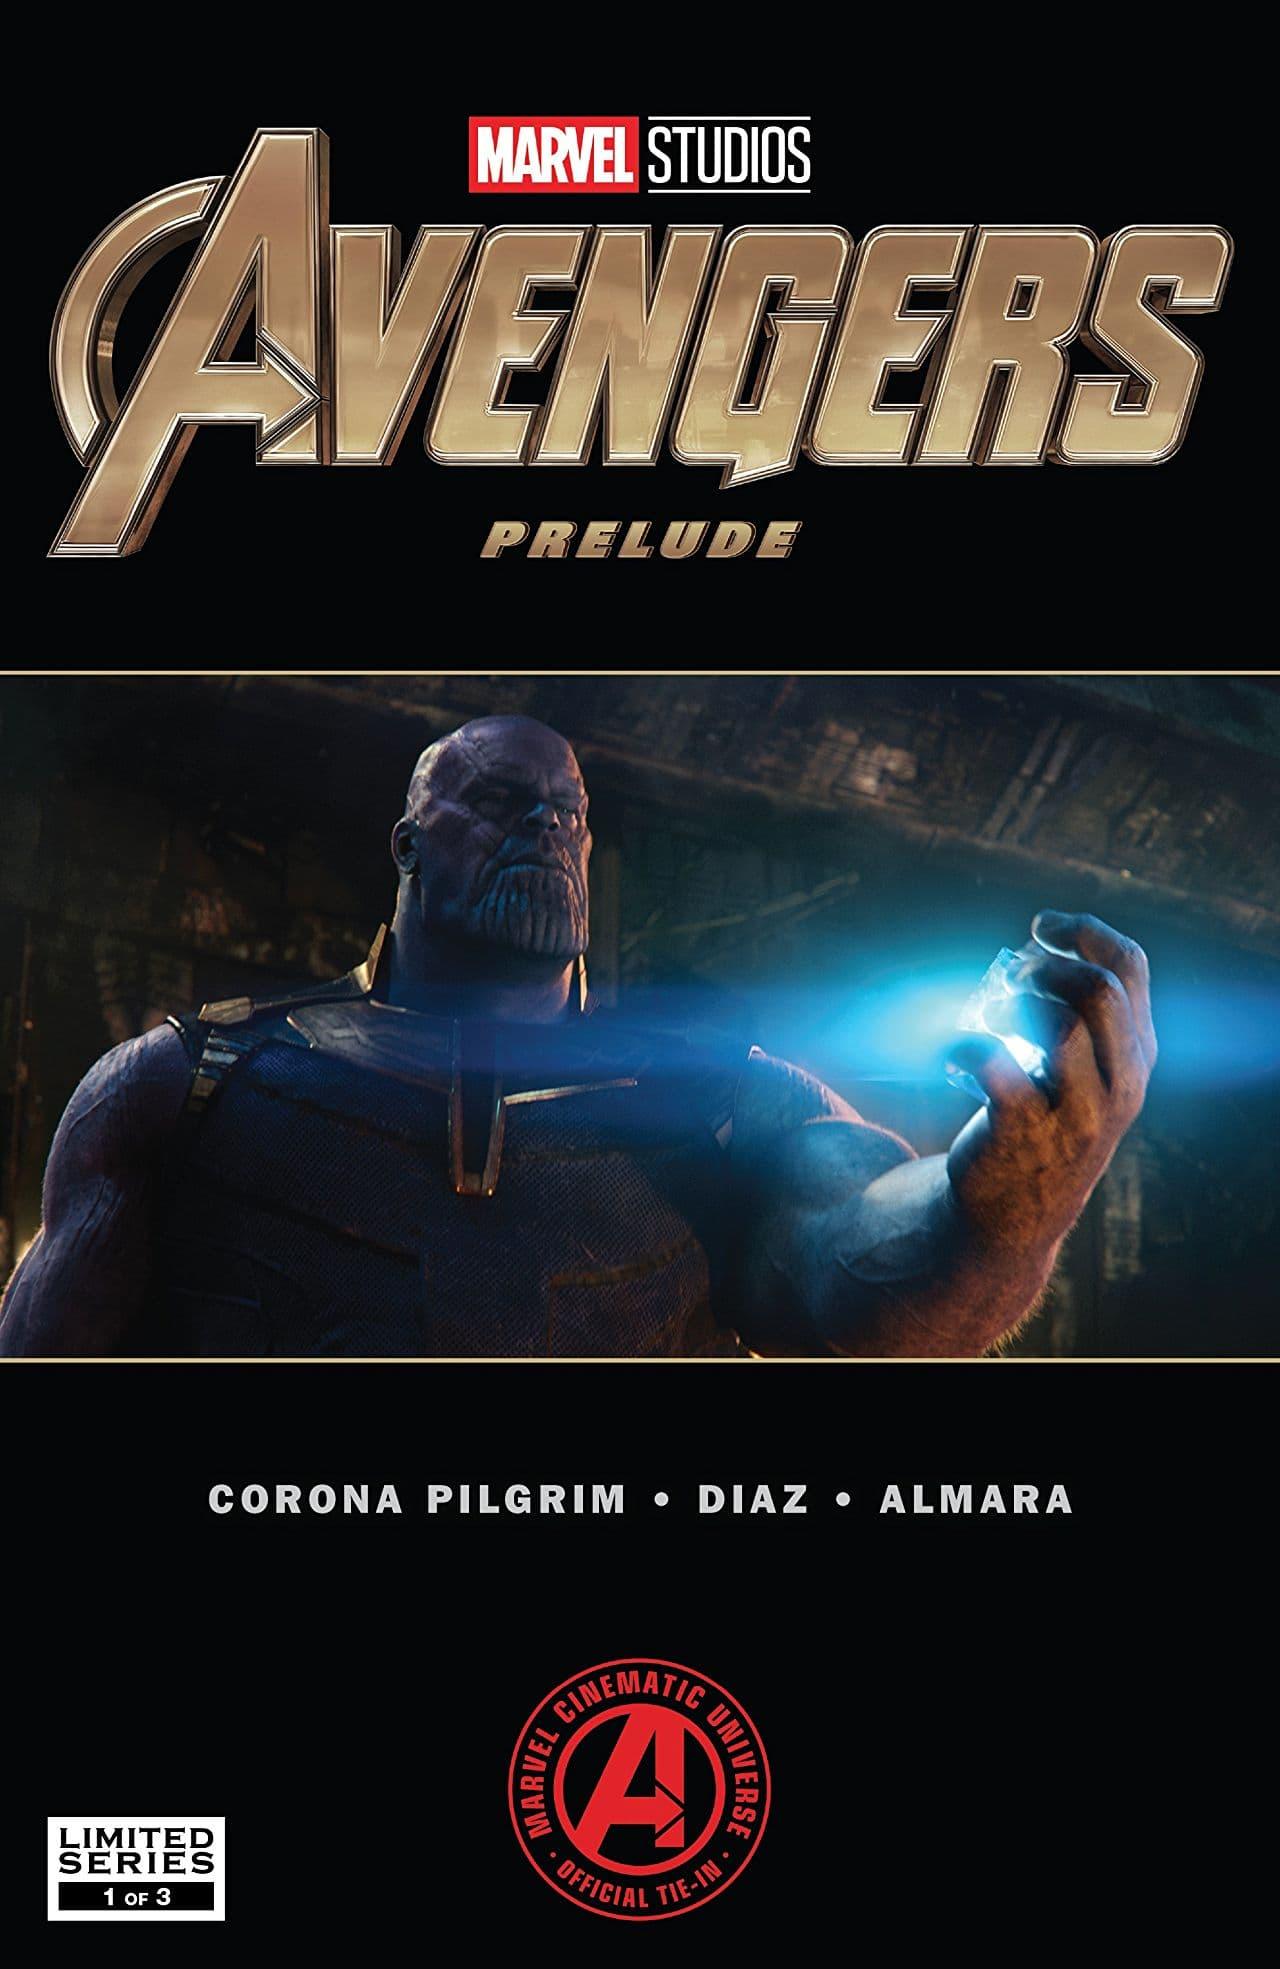 Marvel's Avengers: Endgame Prelude #1